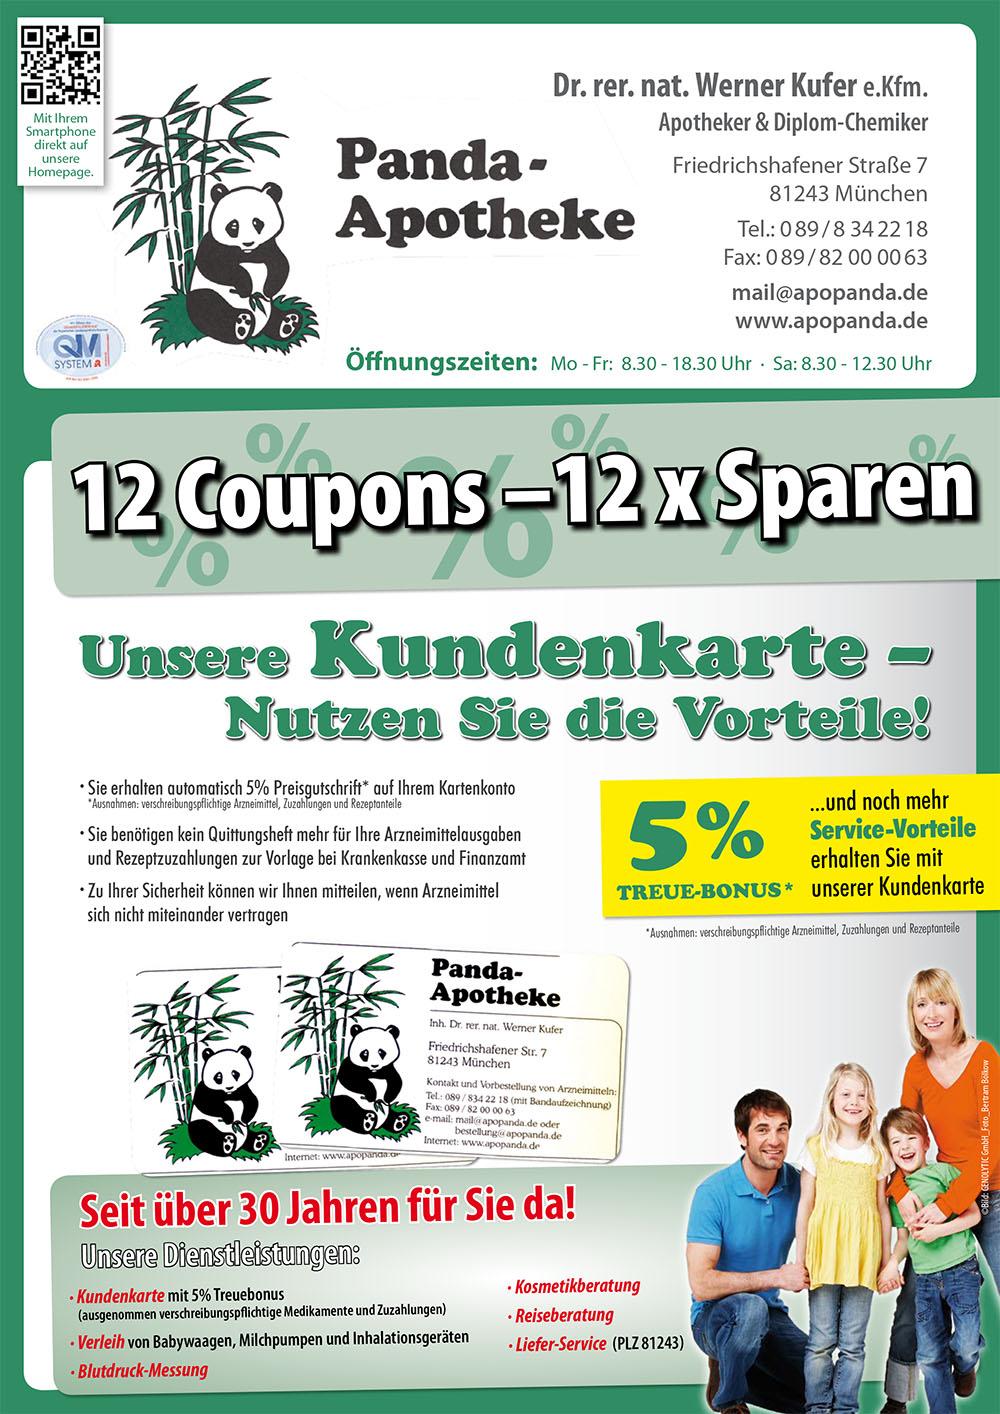 https://www-apotheken-de.apocdn.net/fileadmin/clubarea/00000-Angebote/81243_7357_panda_angebot_1.jpg